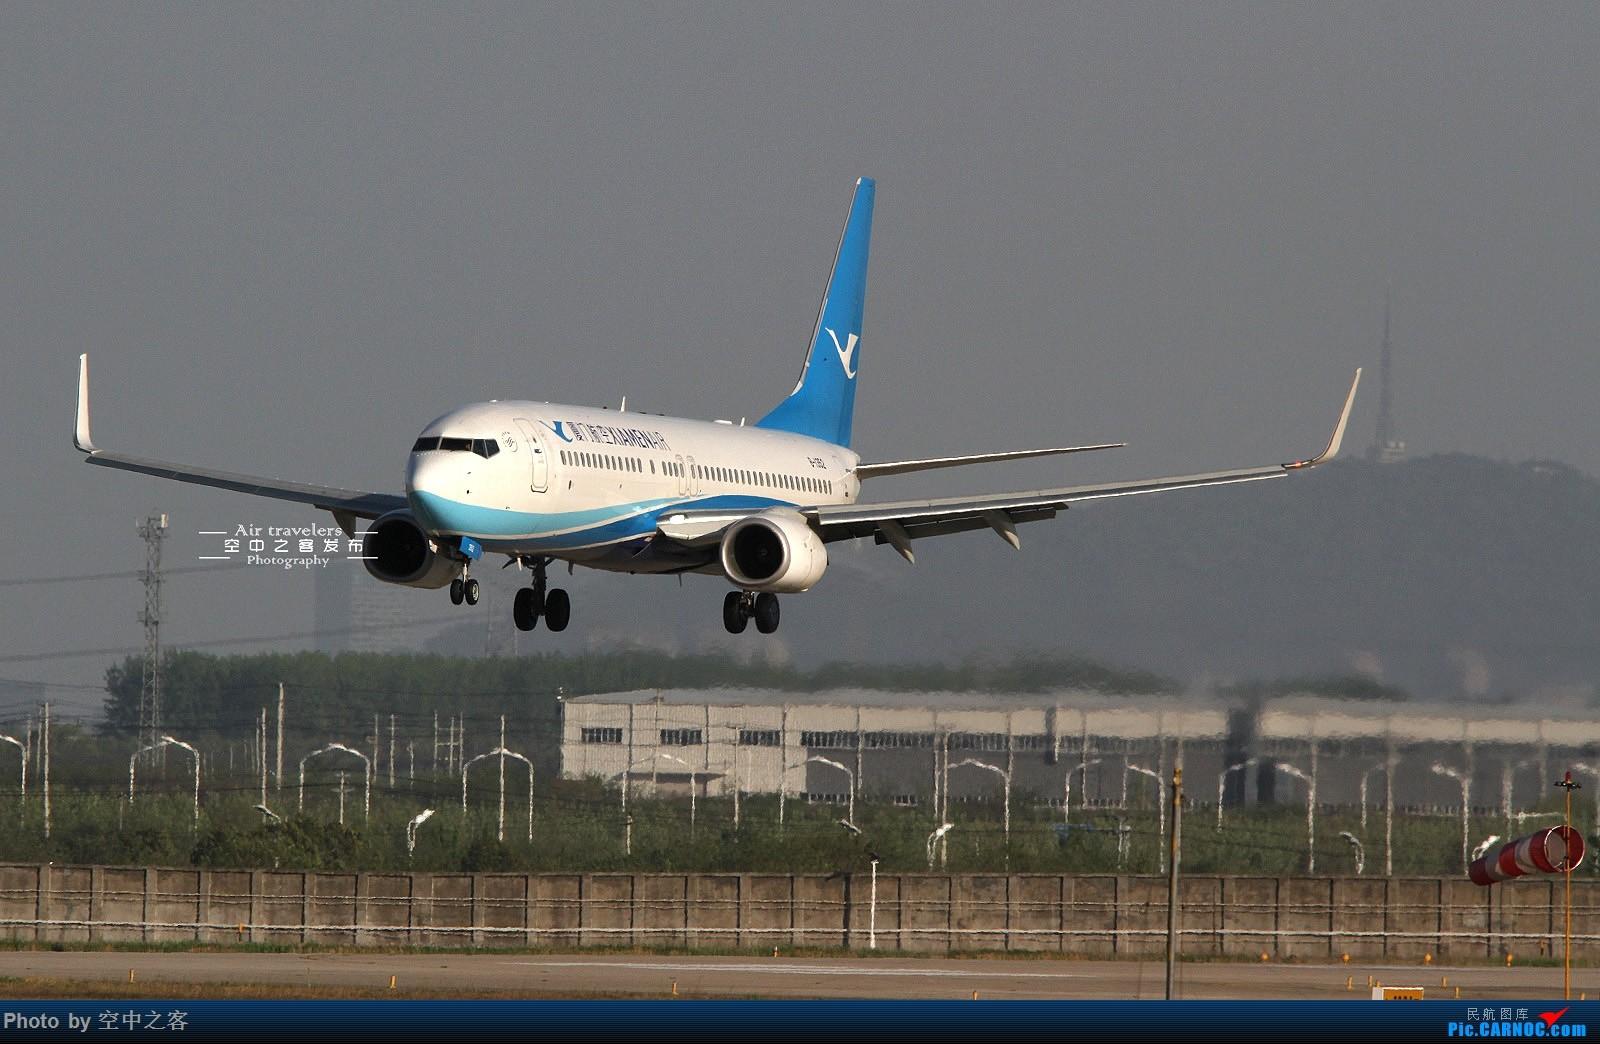 [原创][合肥飞友会-霸都打机队 空中之客发布]去新桥机场散散心 738居多 BOEING 737-800 B-1352 合肥新桥国际机场